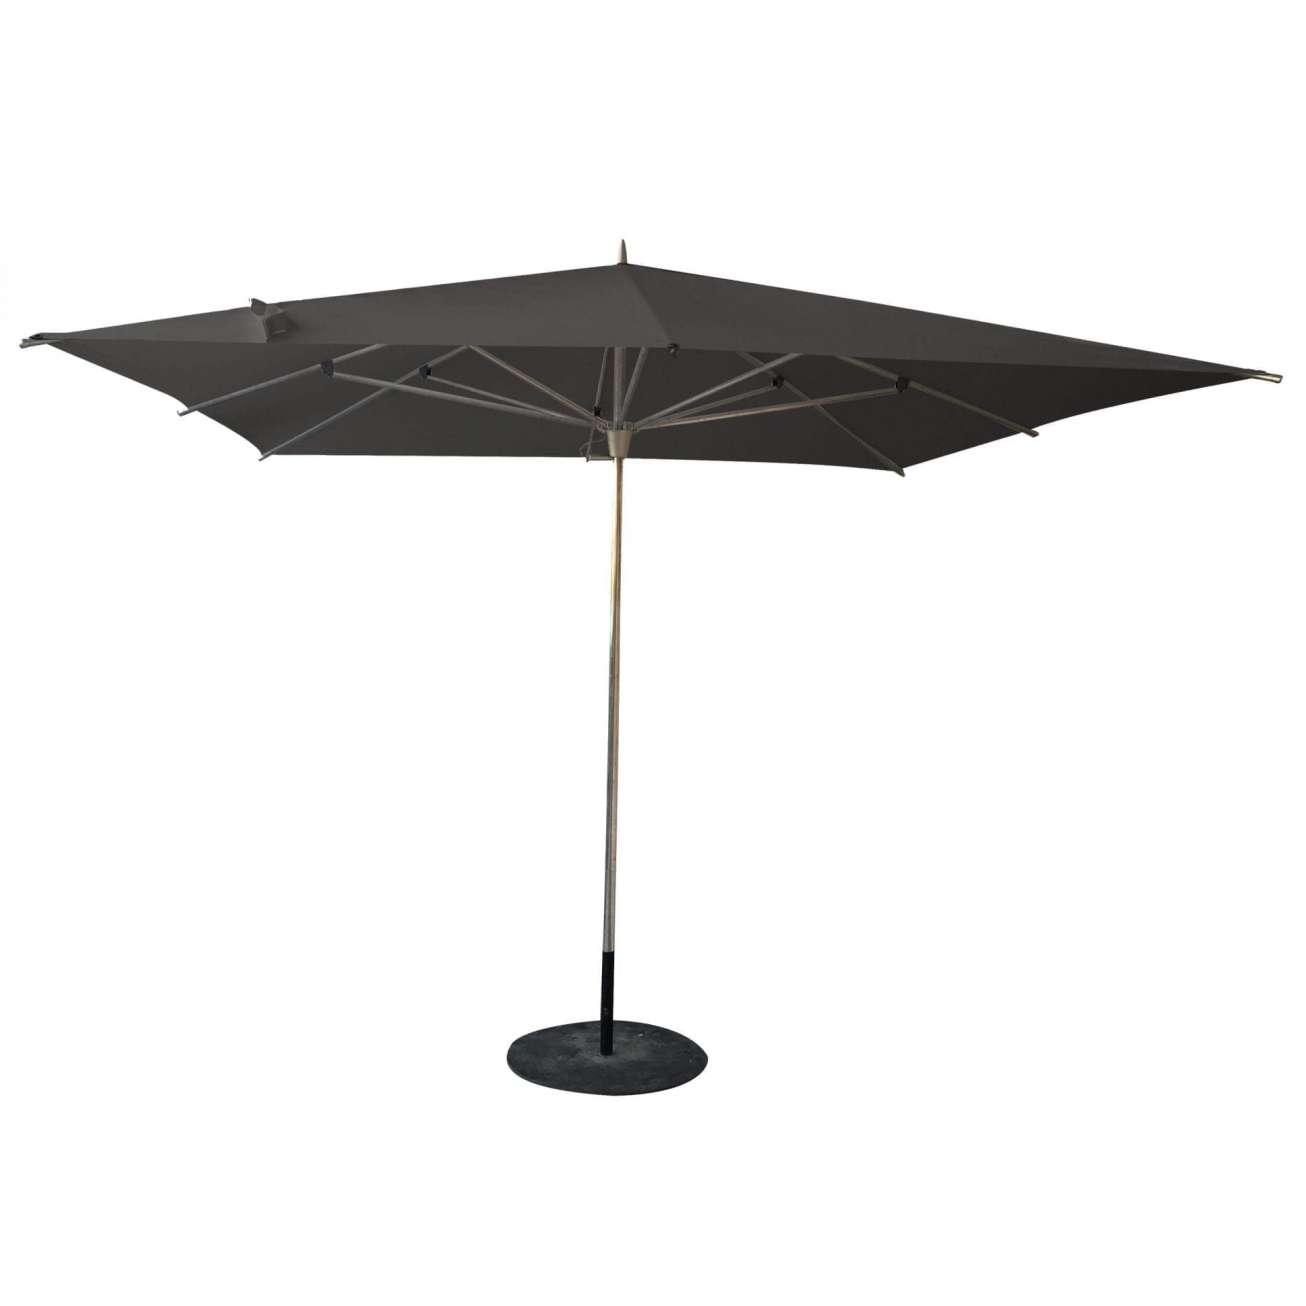 Parasoll GrÅ Push Up 2,5 Meter Hagemøbler og utemøbler - Fine design